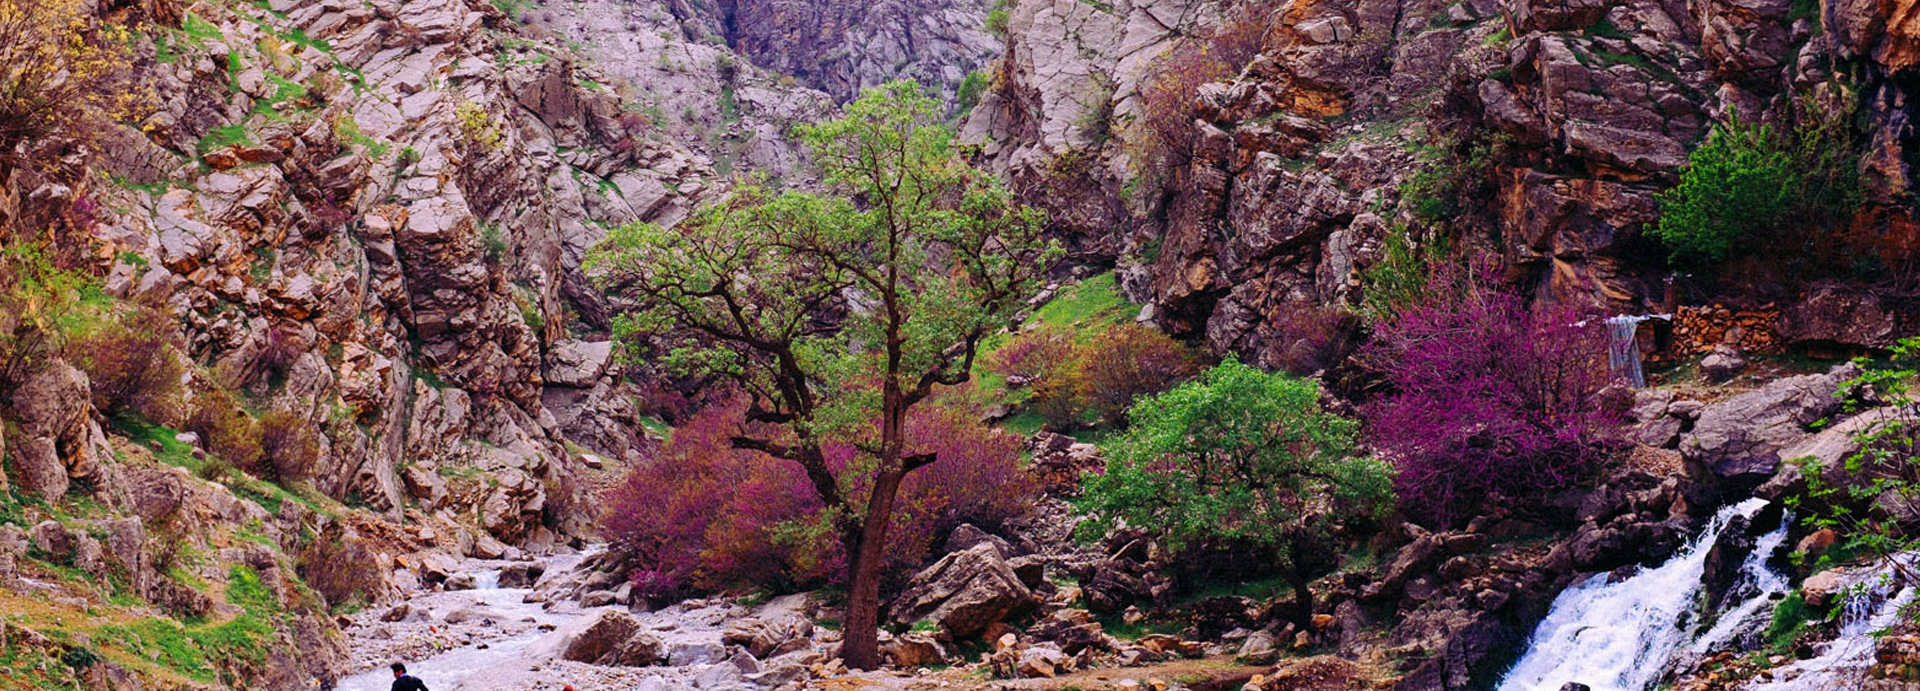 طبیعت کردستان ایران - ویکی ووک